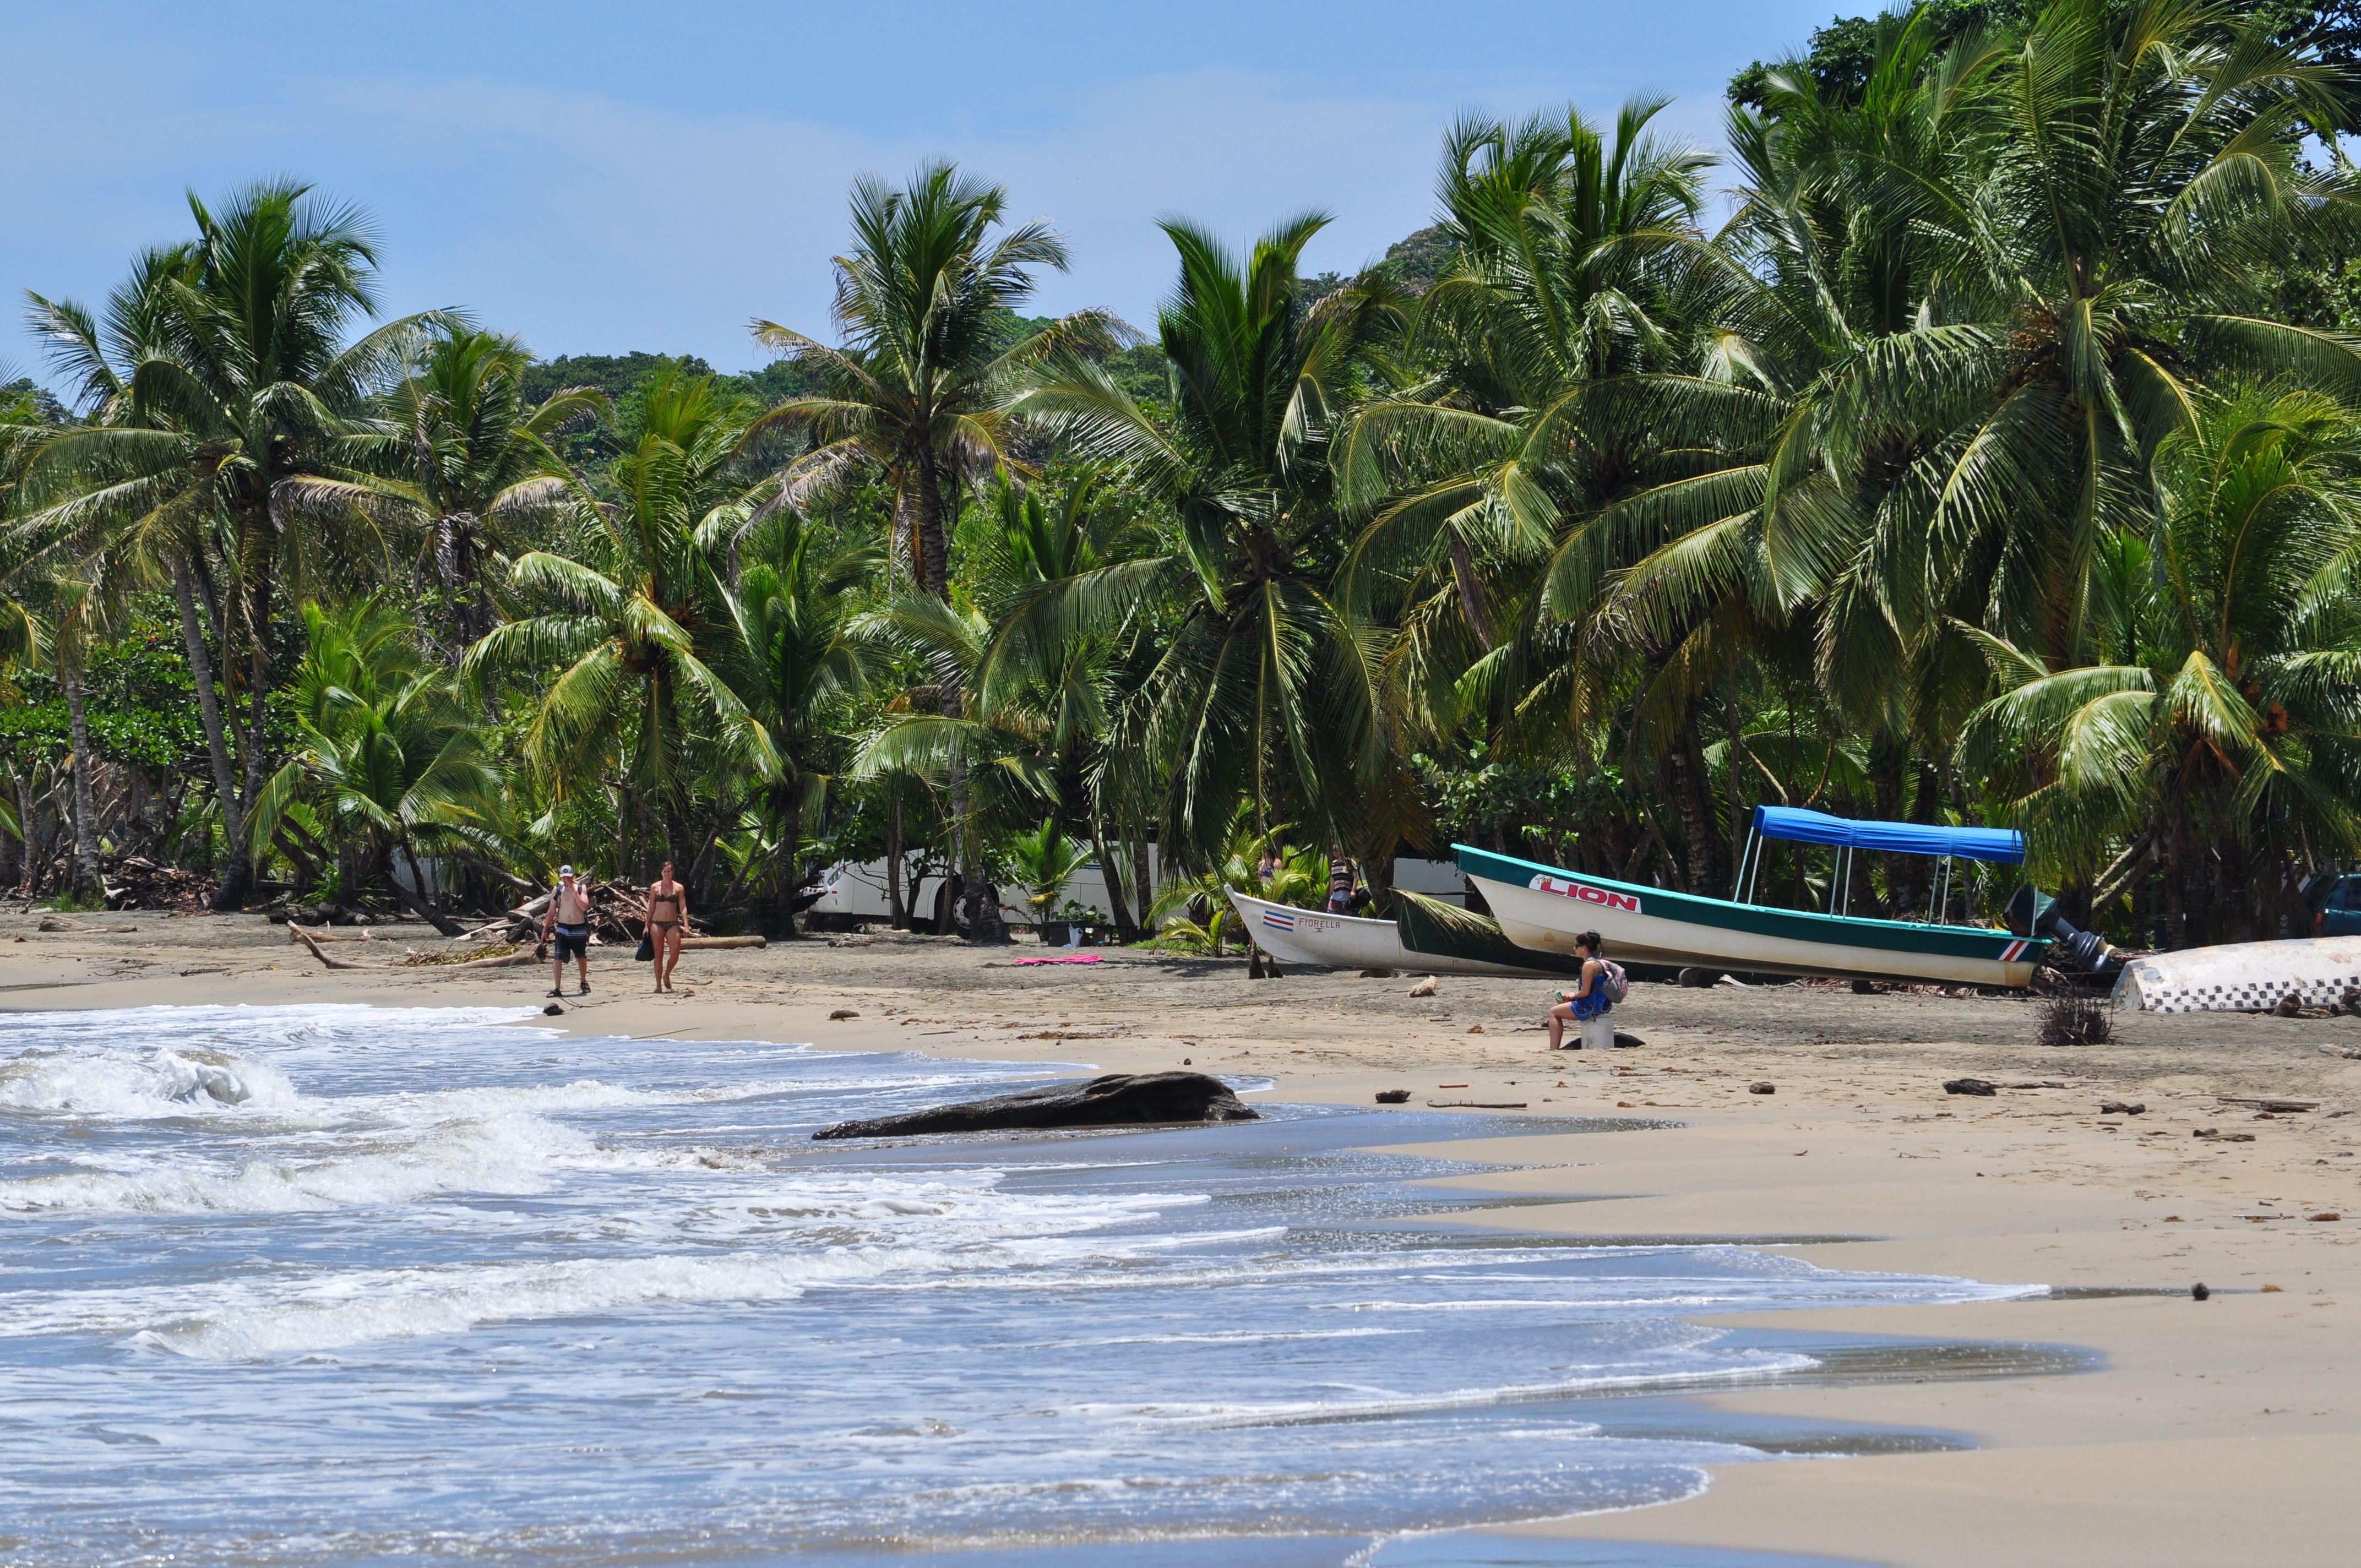 Del parque nacional tortuguero a puerto viejo de lim n las playas del caribe rutas por costa - Puerto limon costa rica ...